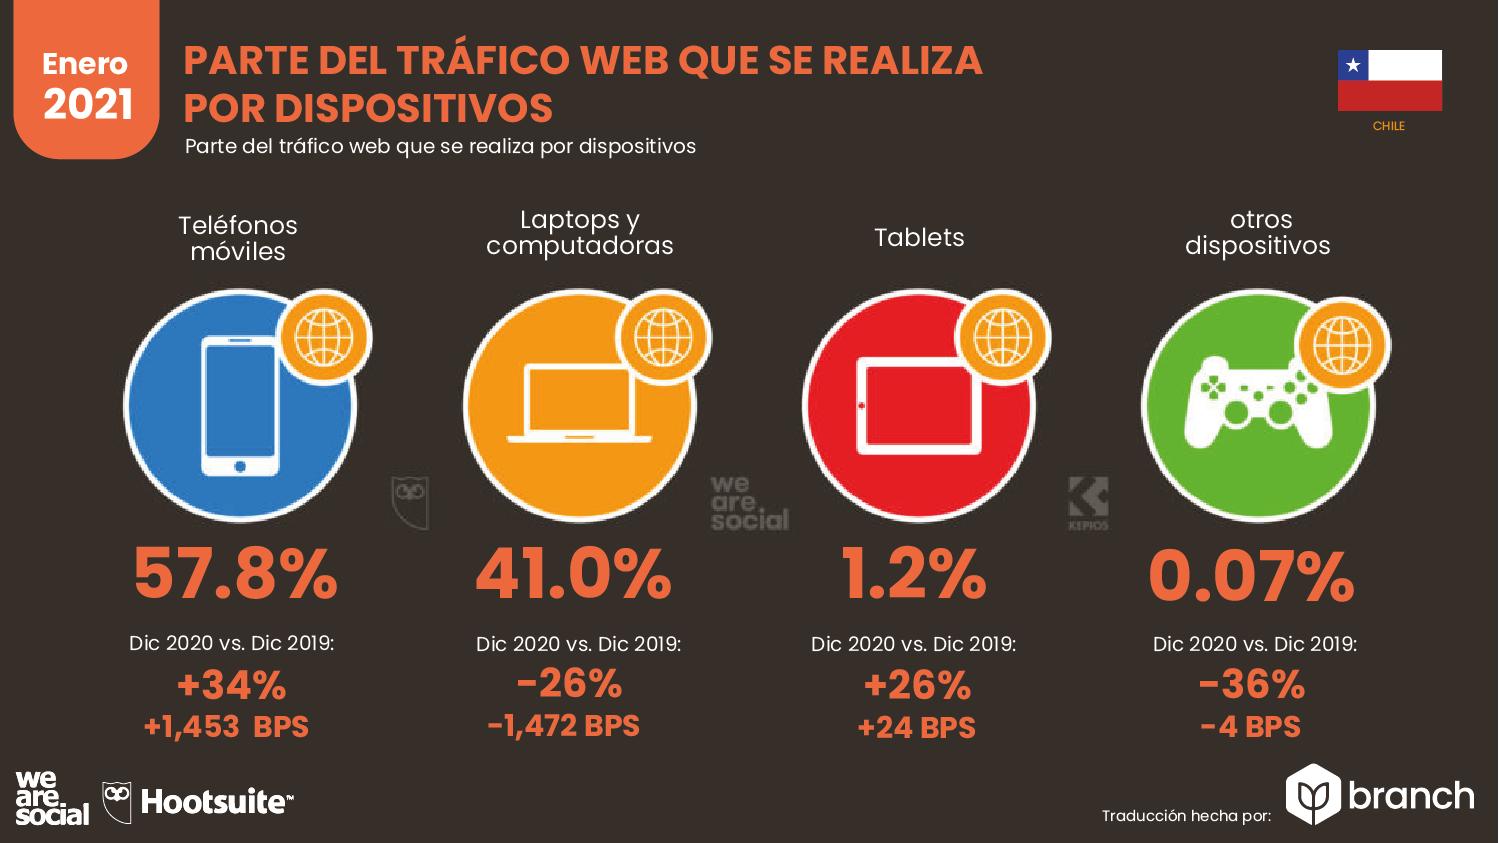 trafico-web-por-dispositivos-chile-2020-2021